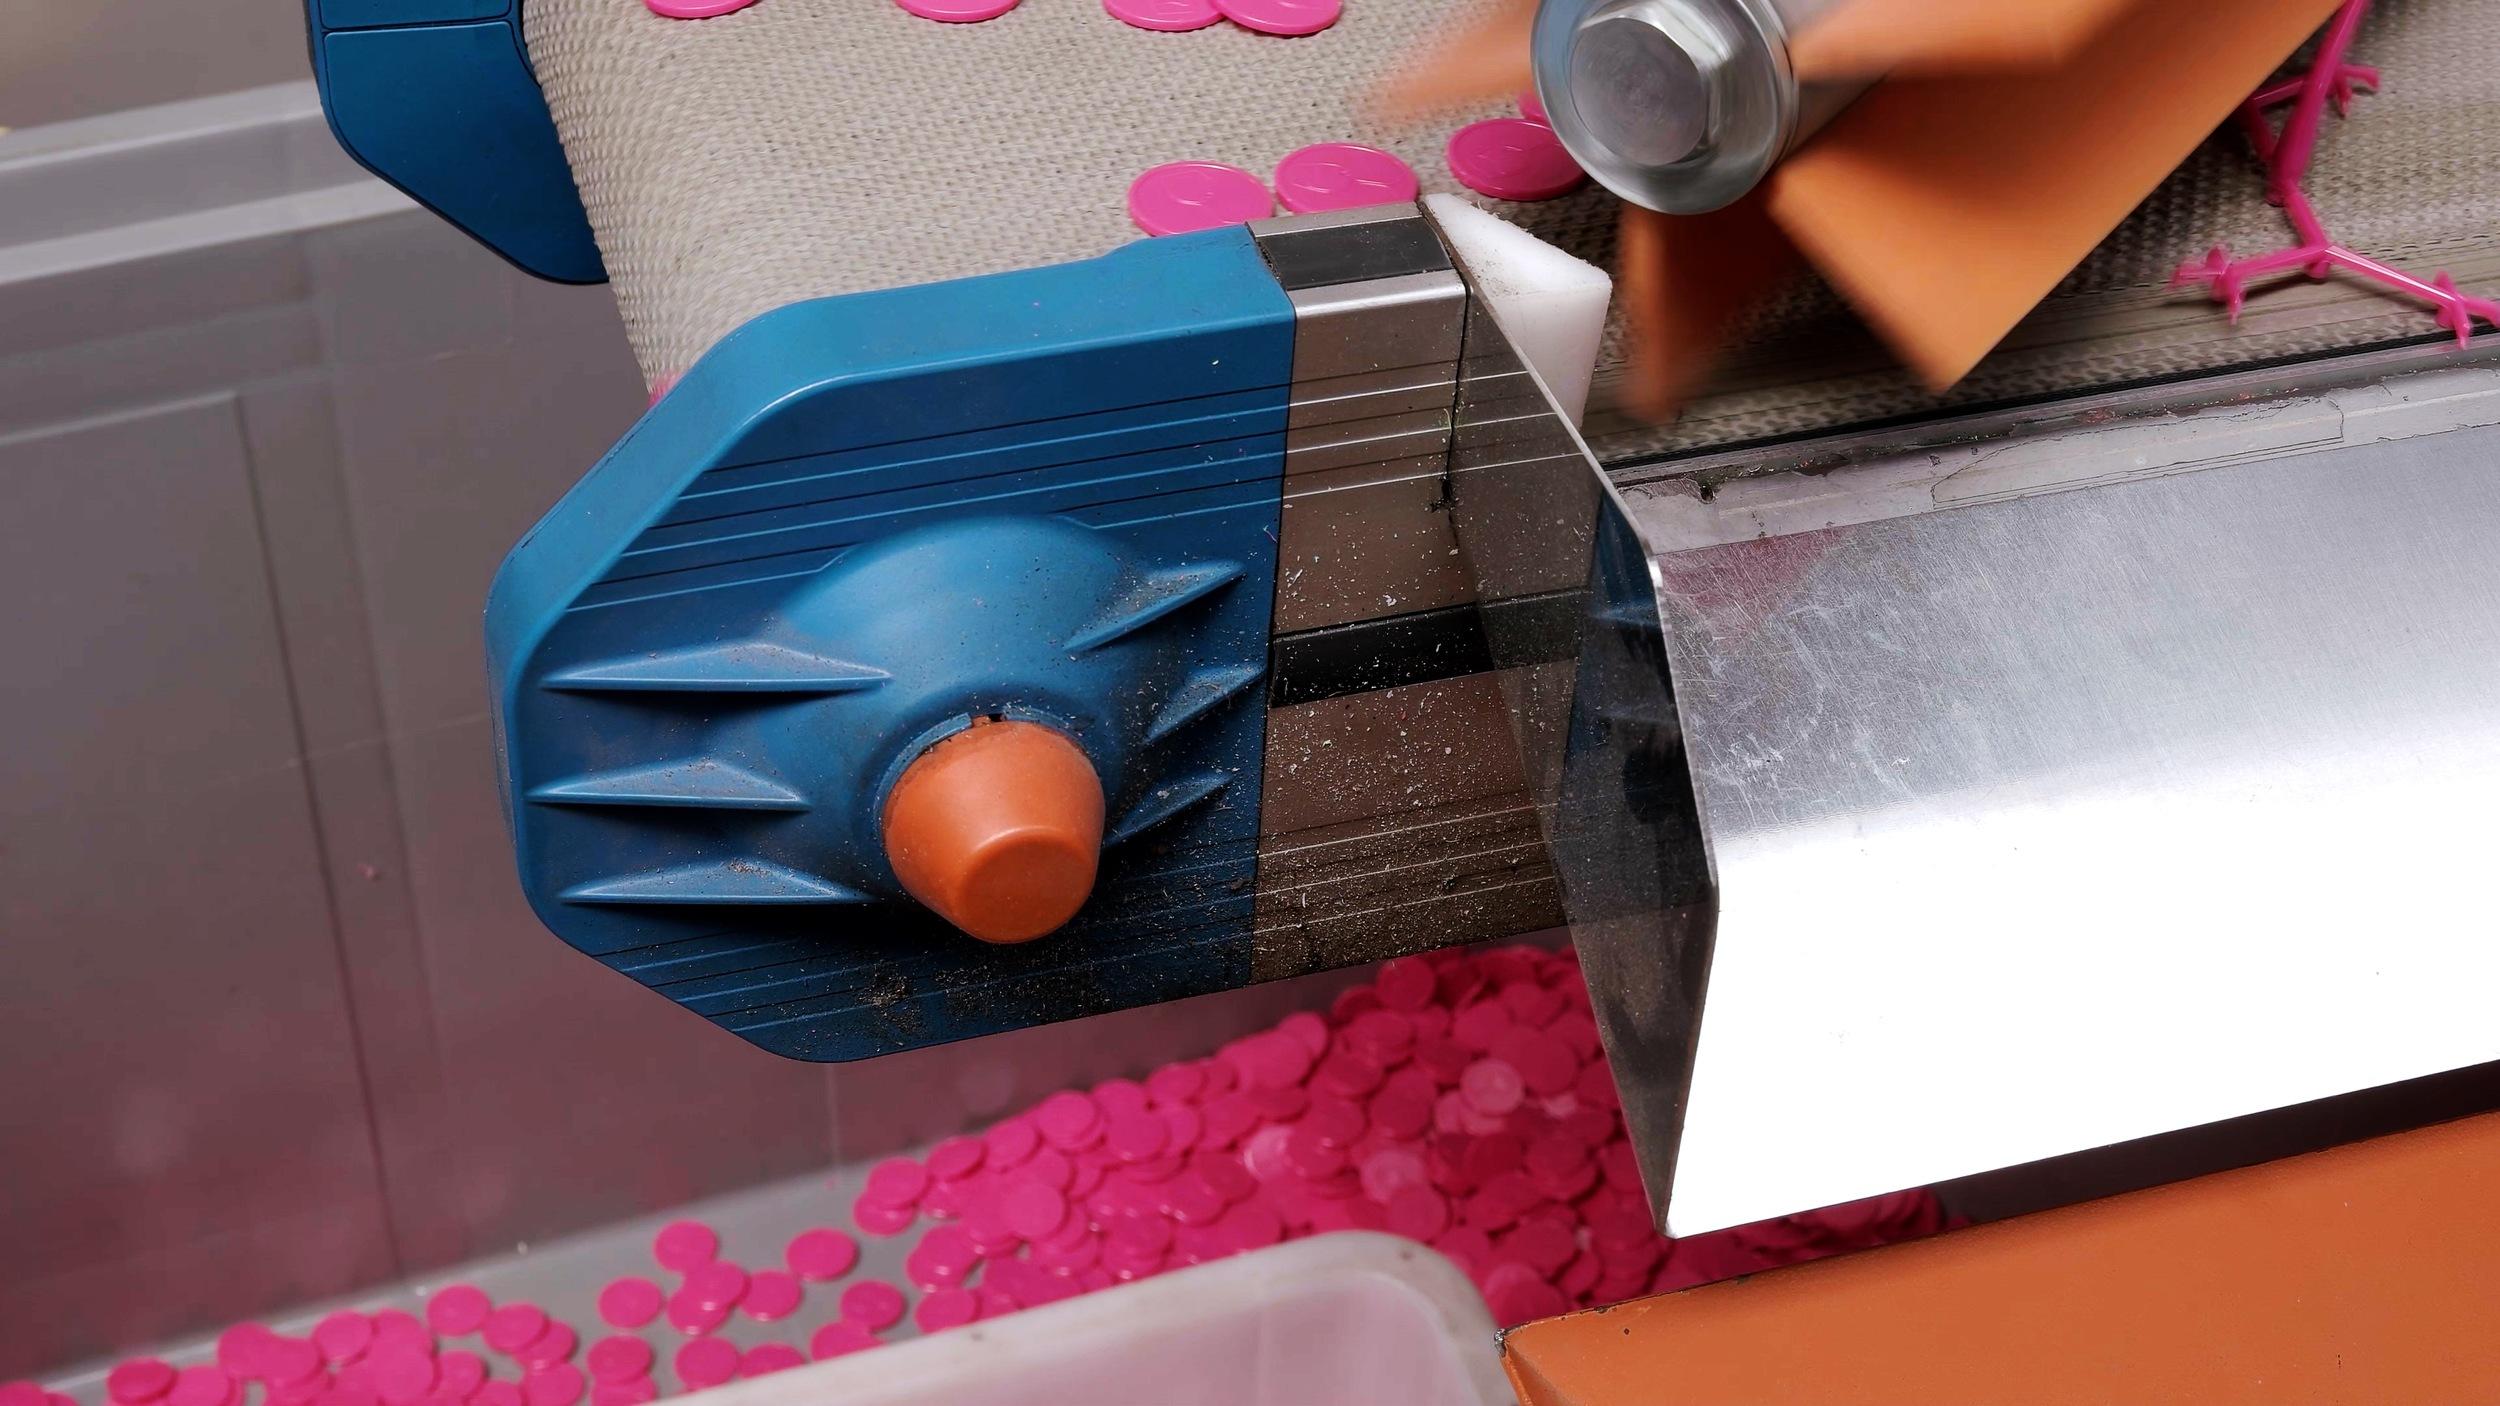 iso800-bedrijfsfotograaf-video-reportage-unizo-de-makers-btoken-machines-achter-de-schermen